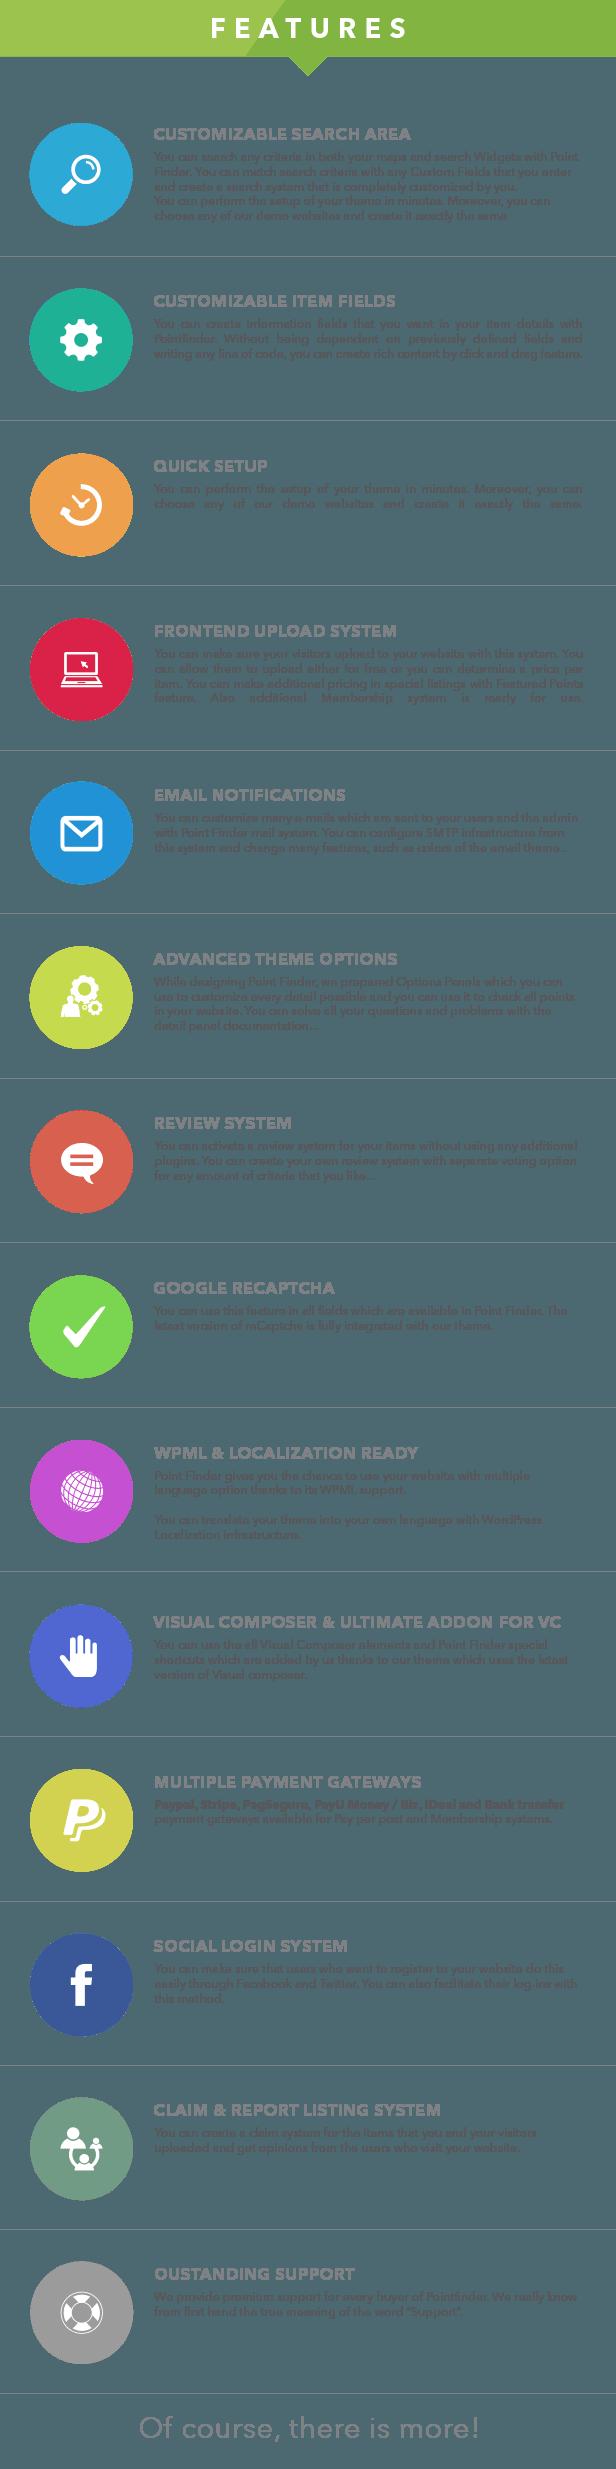 Themeforest | PointFinder | Directory & Listing WordPress Theme Free Download #1 free download Themeforest | PointFinder | Directory & Listing WordPress Theme Free Download #1 nulled Themeforest | PointFinder | Directory & Listing WordPress Theme Free Download #1